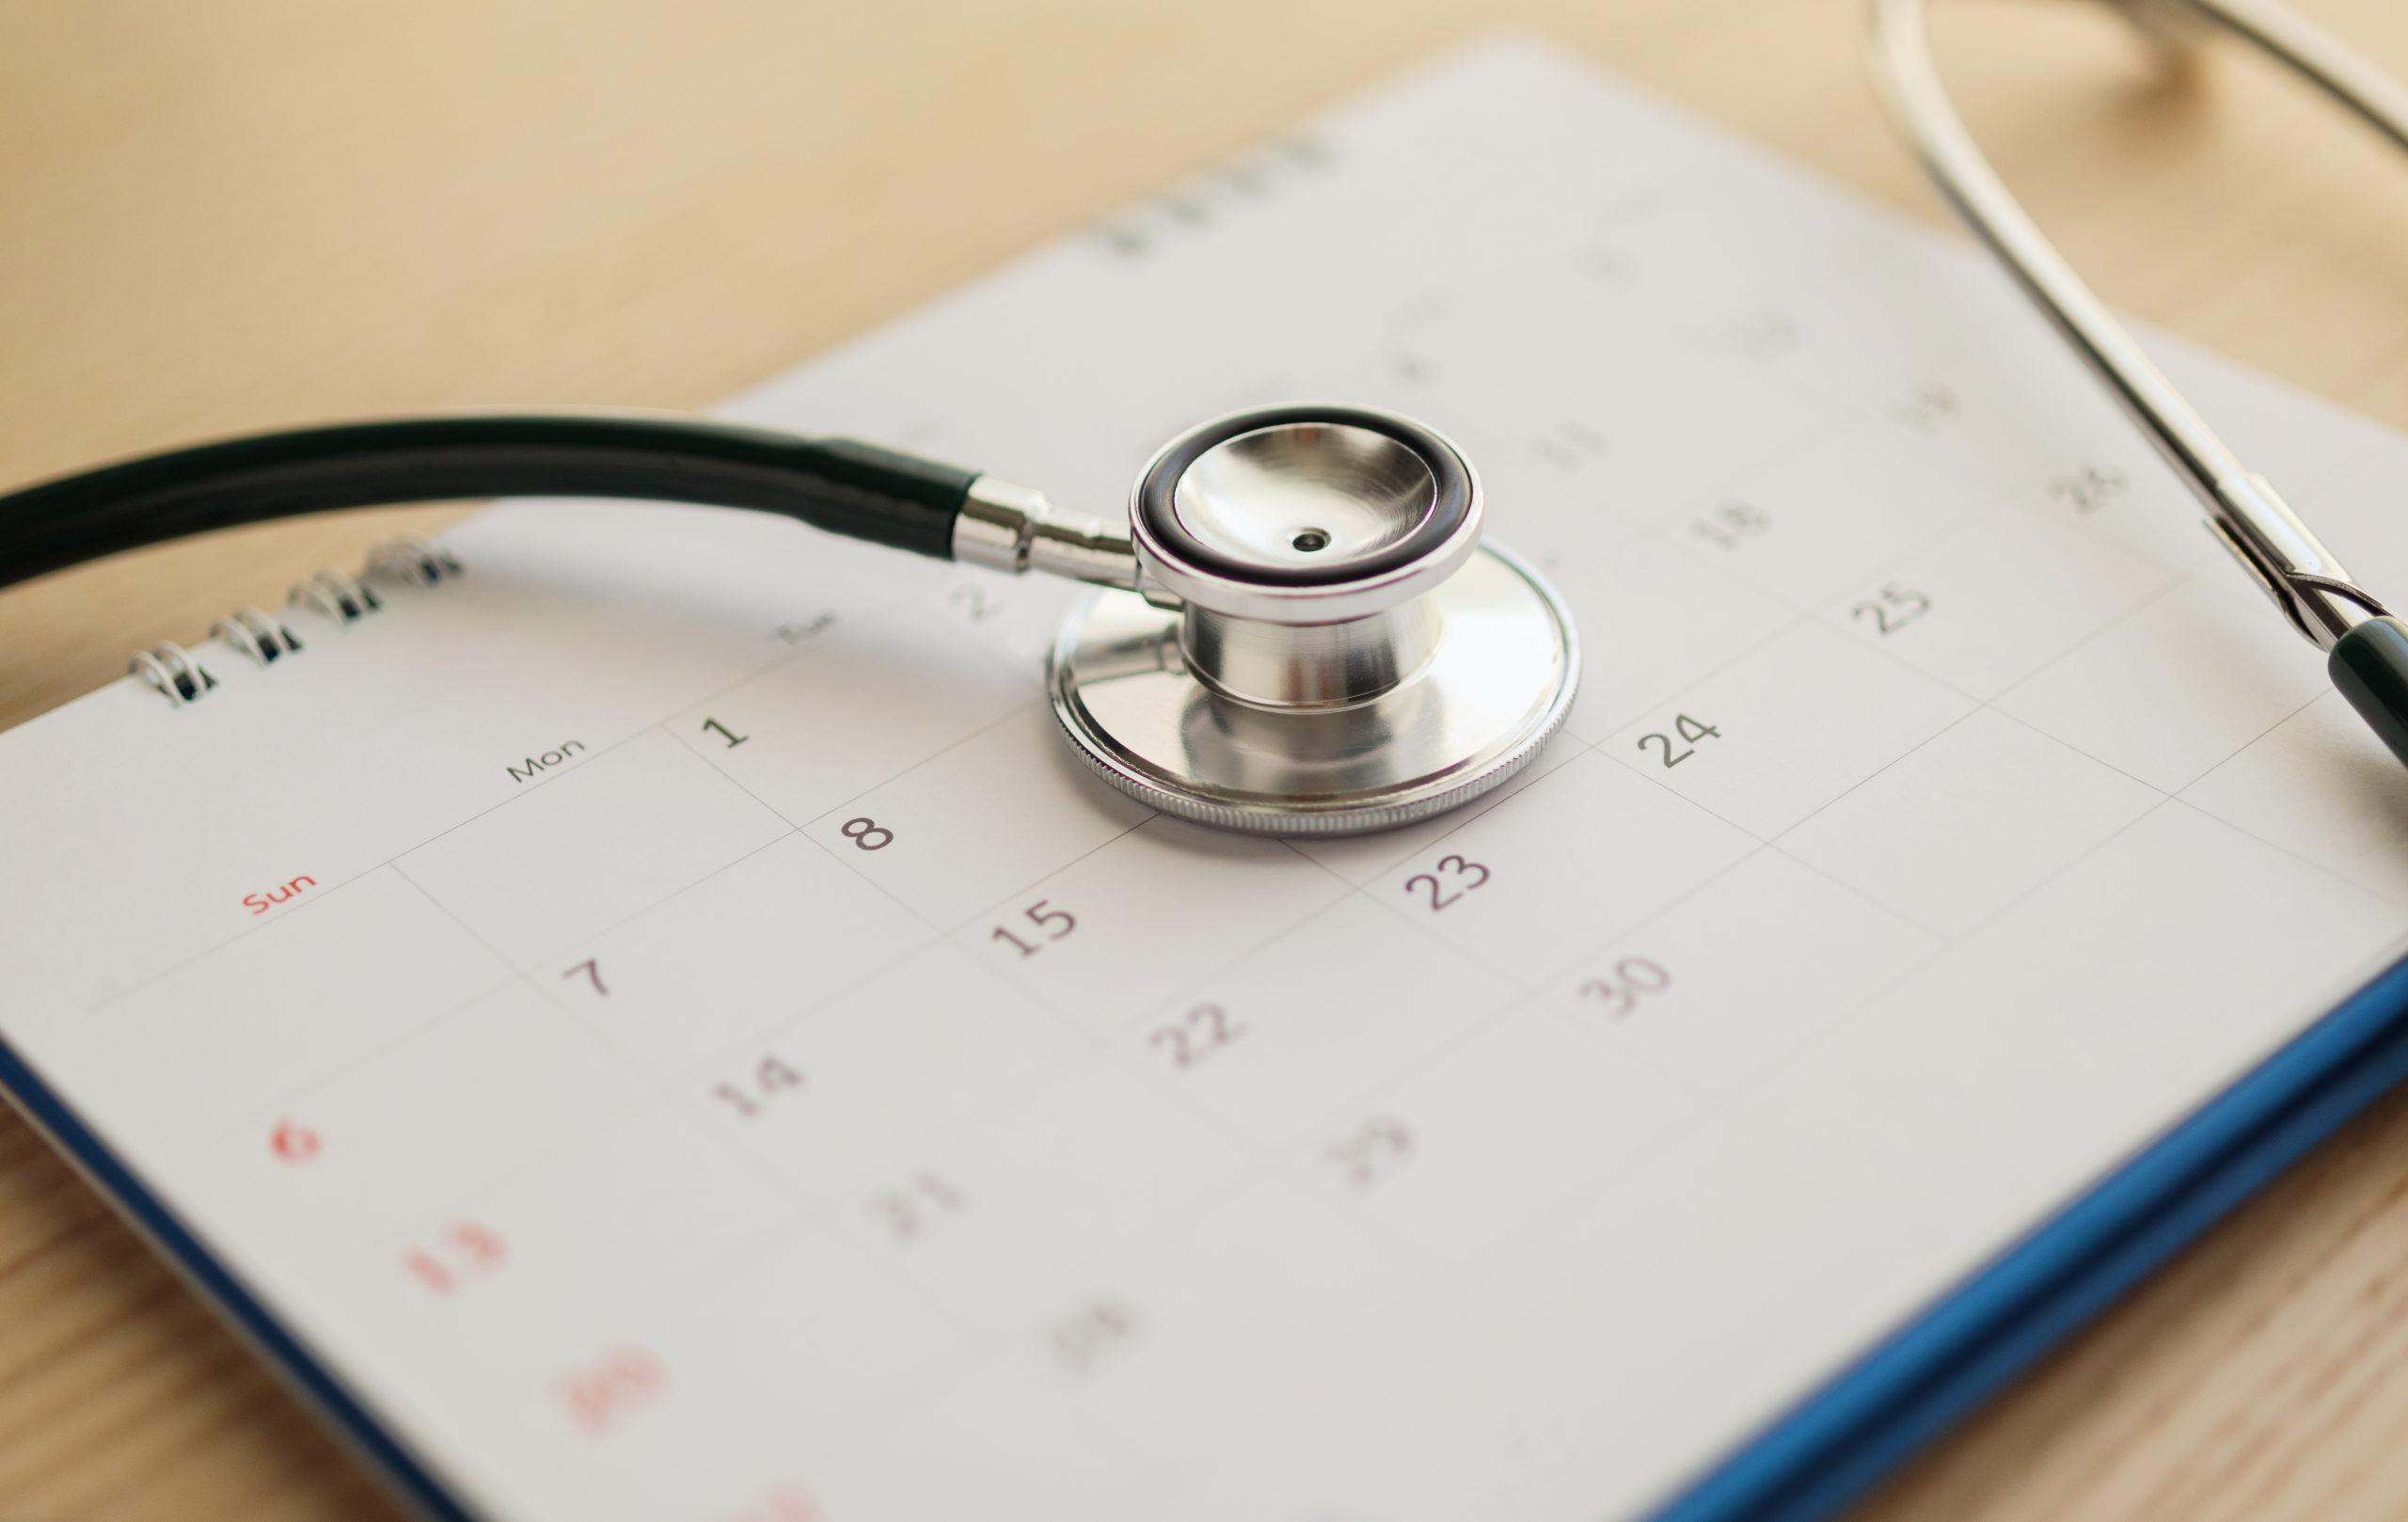 Carência do plano de saúde: conheça as regras e prazos